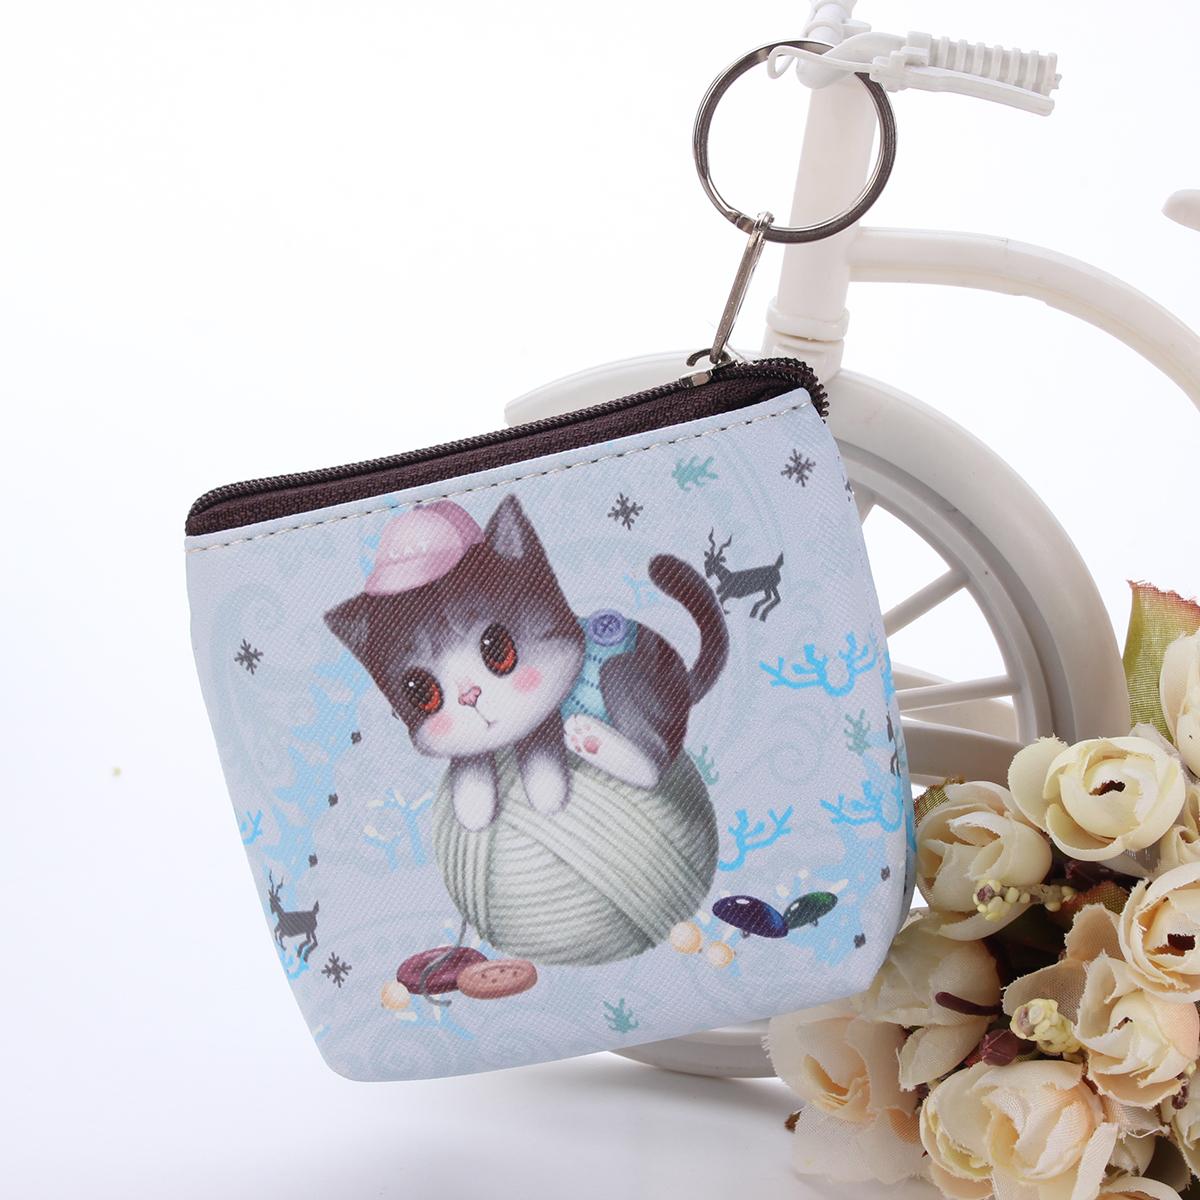 pochette cuir mignon portefeuille porte monnaie poche cl zipp sac main bourse ebay. Black Bedroom Furniture Sets. Home Design Ideas